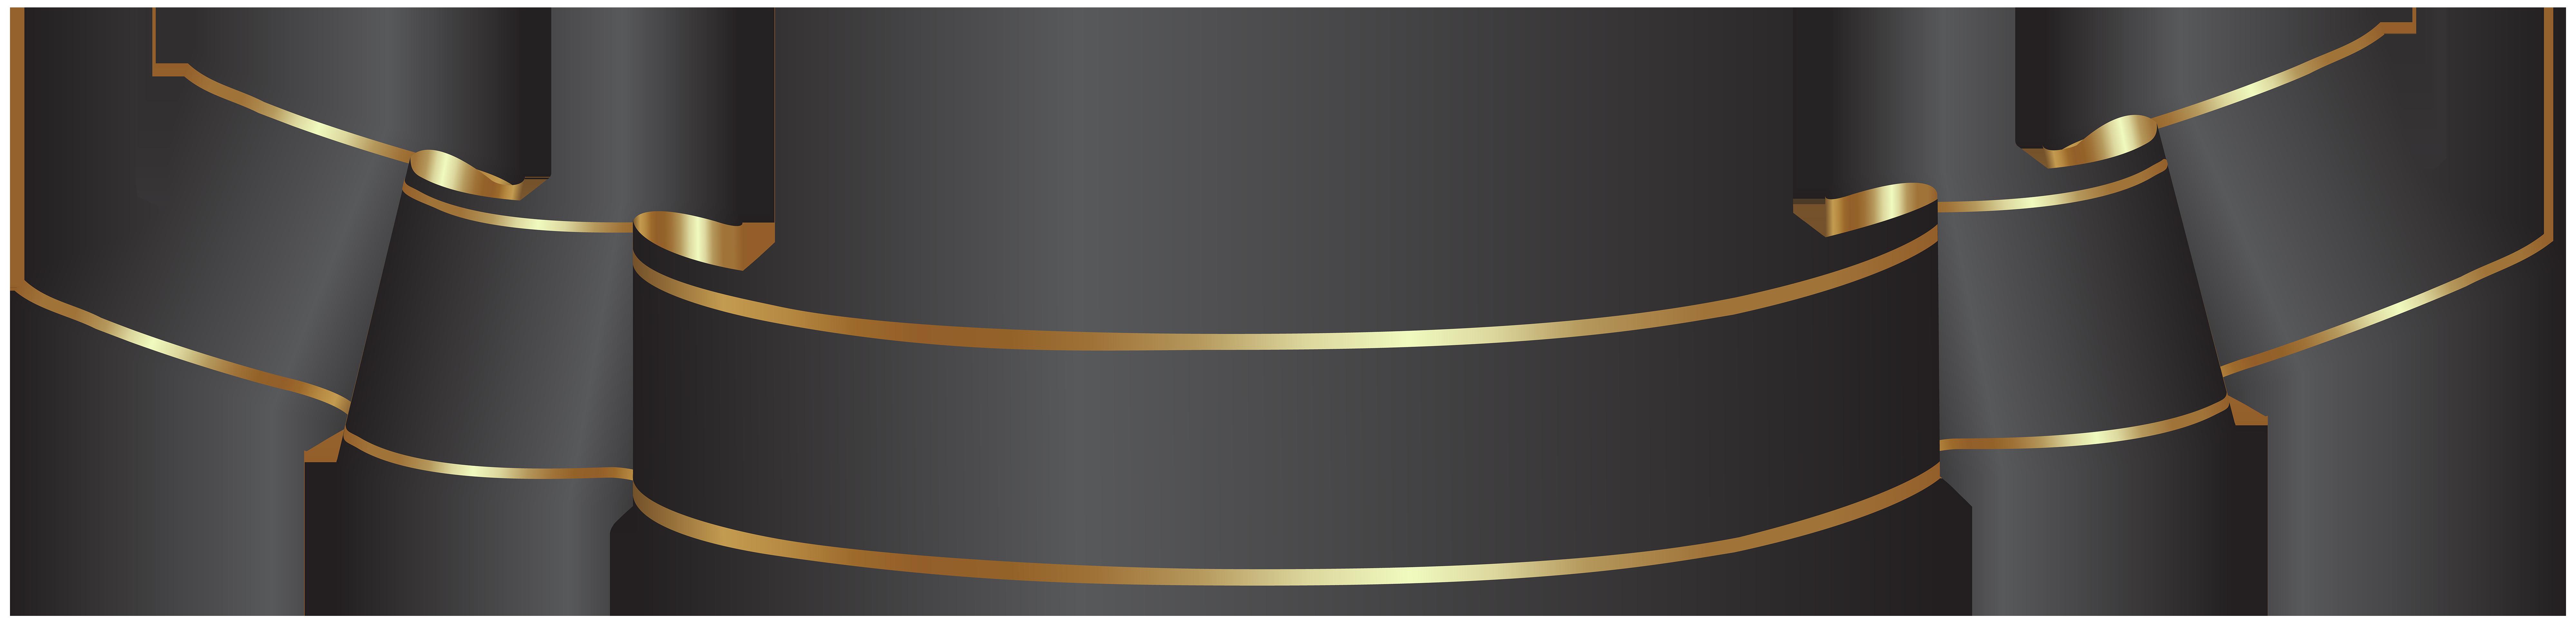 Black Banner Transparent PNG Clip Art.